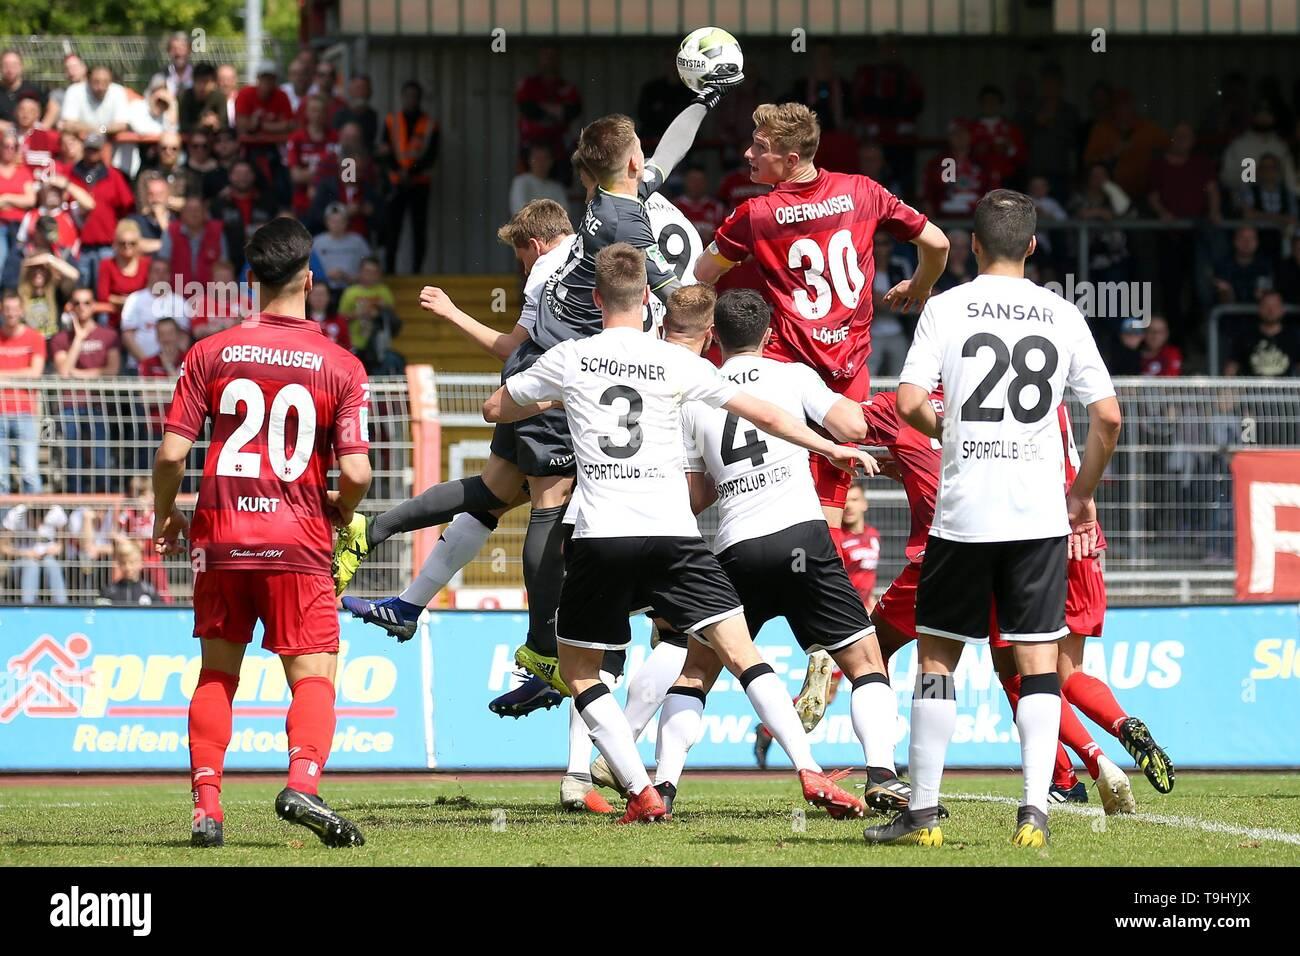 firo: 18.05.2019 Football, Regionalliga West, season 2018/2019 Rot-Weiss Oberhausen - SC Verl goalkeeper Robin BrÃ_seke (# 32, SC Verl) in front of Jannik Löhden (# 30, Rot-Weiss Oberhausen) on the ball. | usage worldwide - Stock Image